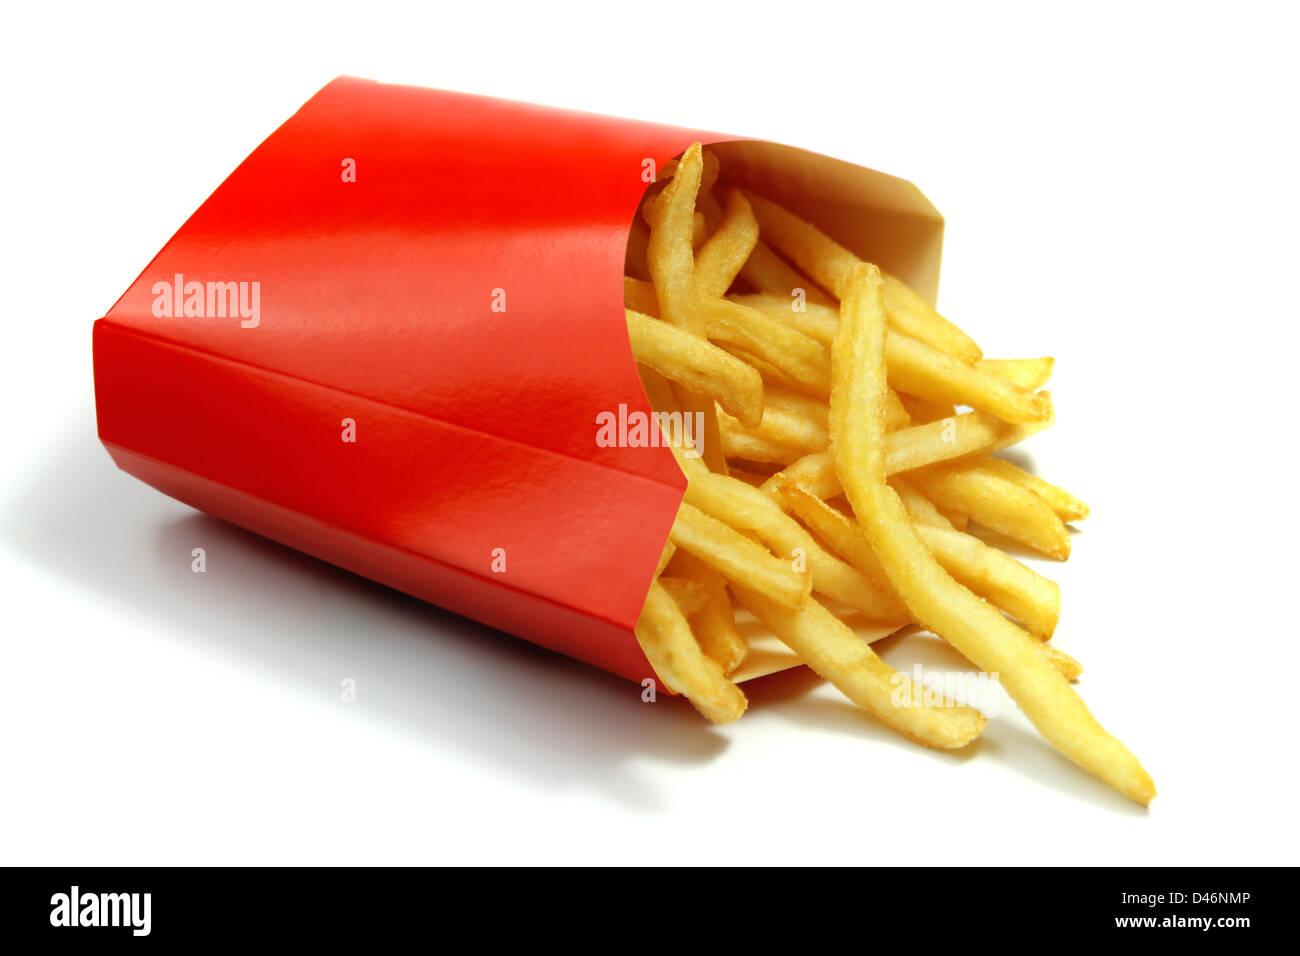 Frites dans une enveloppe de papier rouge Photo Stock